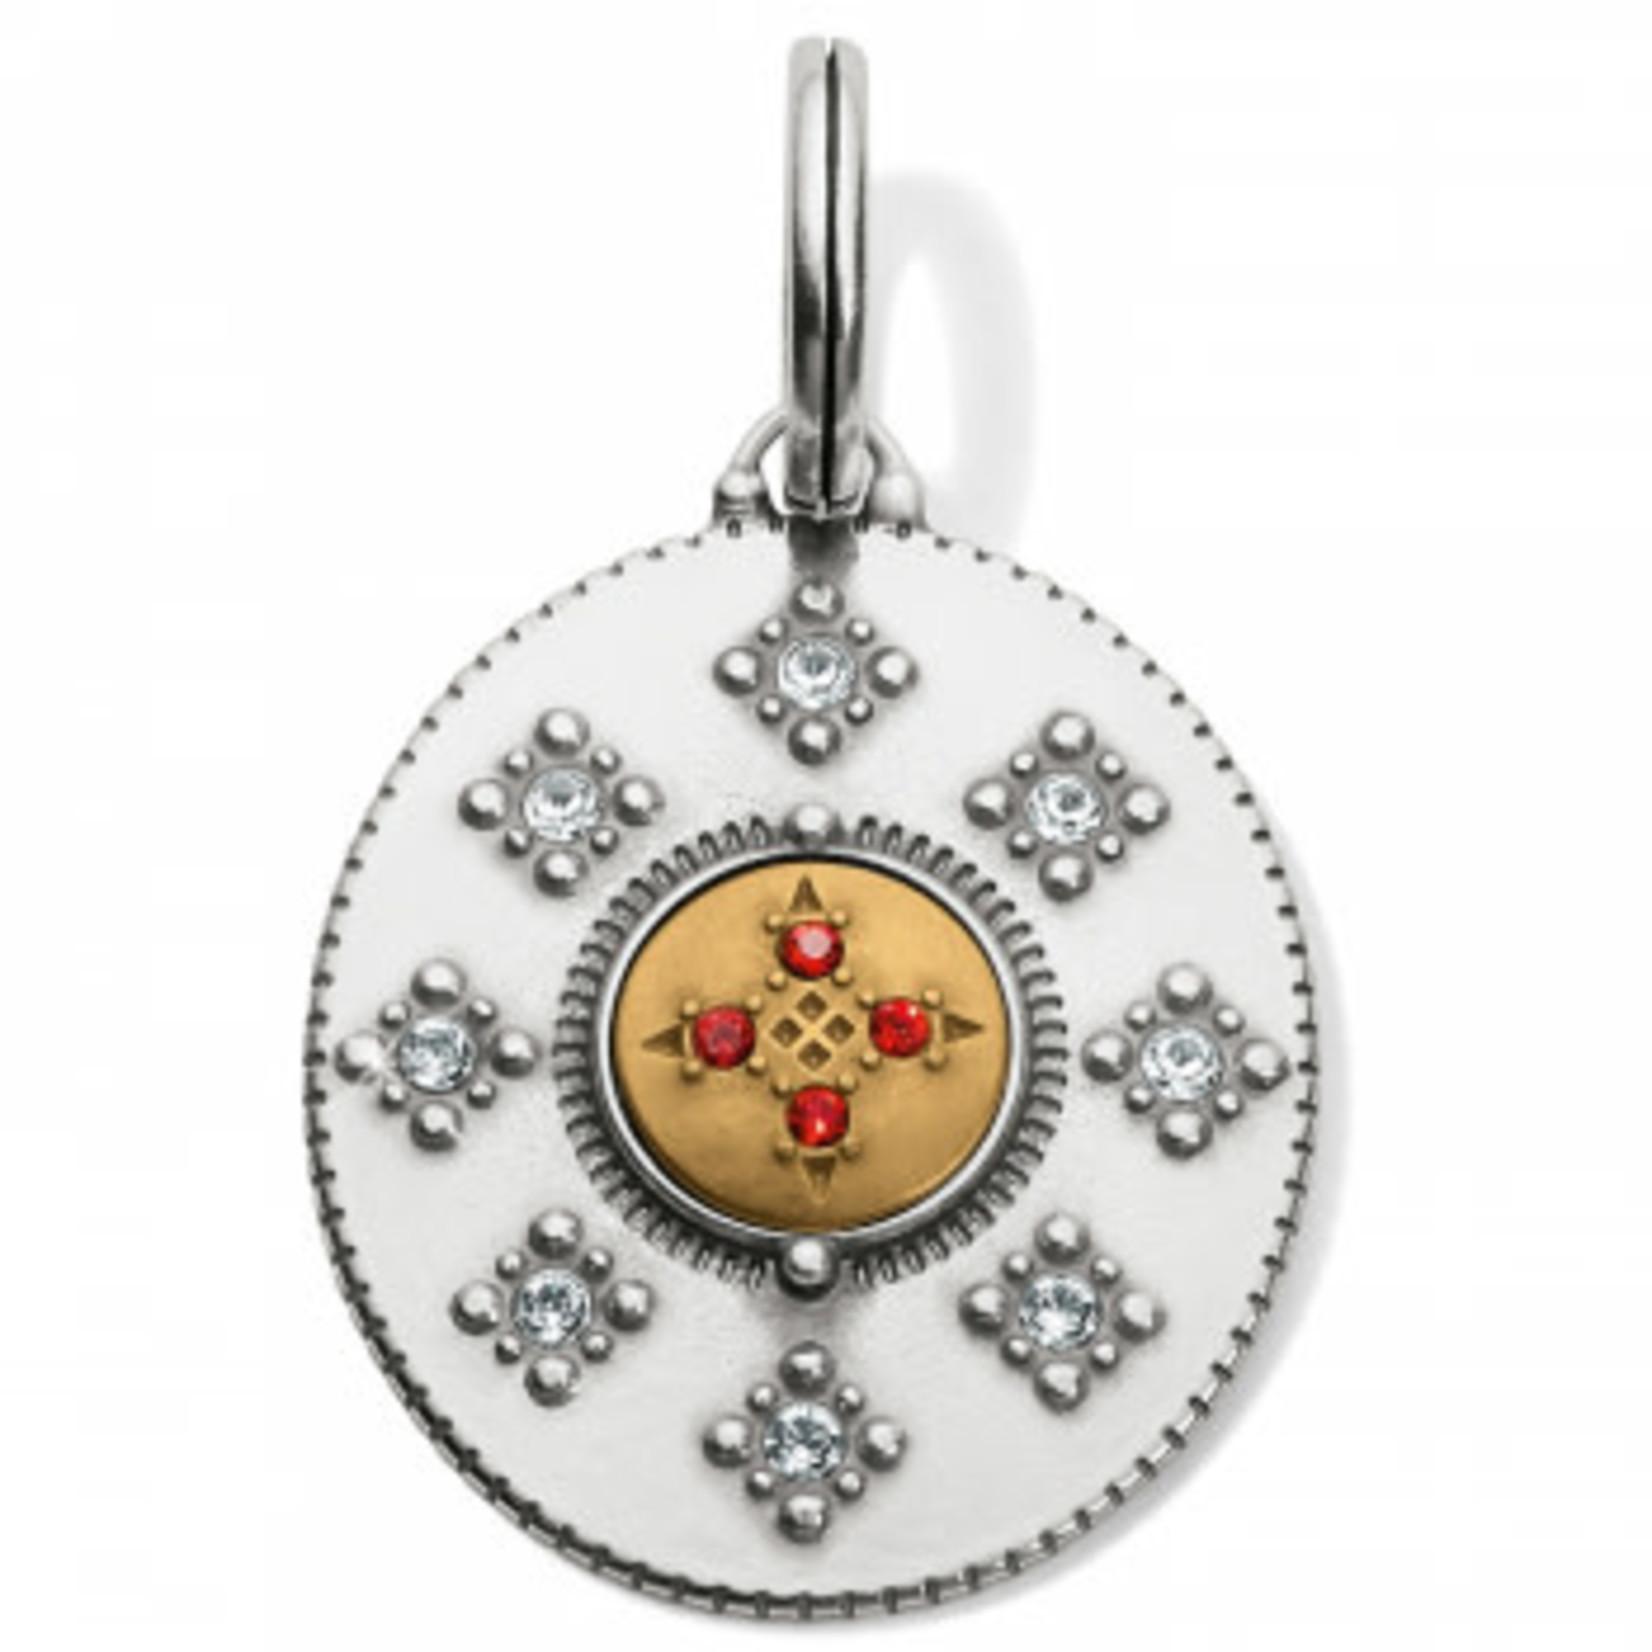 Brighton Athena Mediallion Amulet Silver-Gold